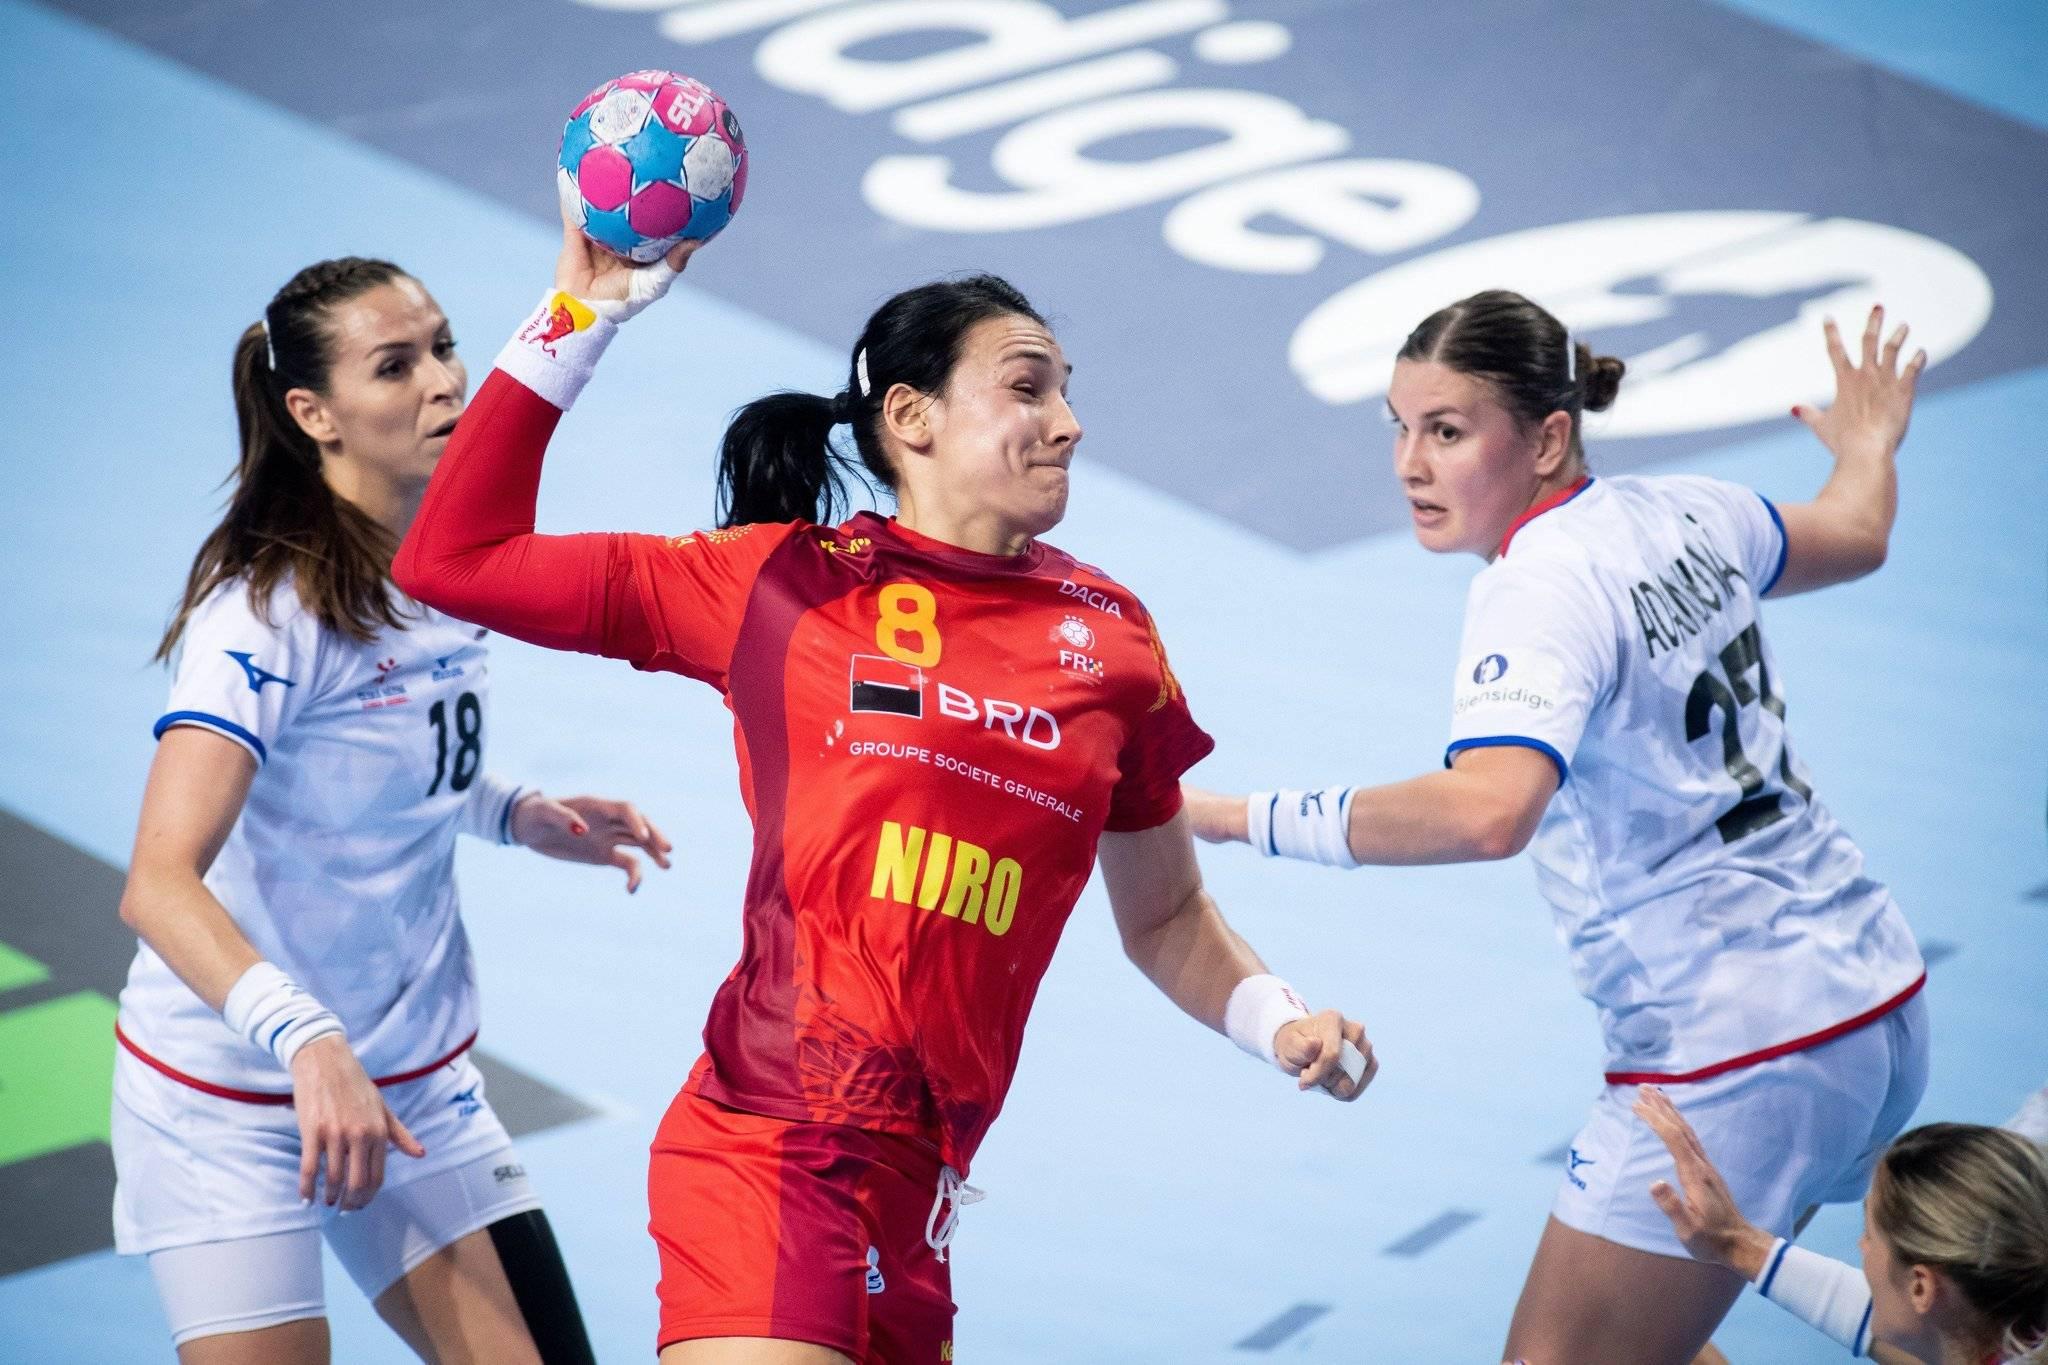 Campionatul European Handbal Feminin